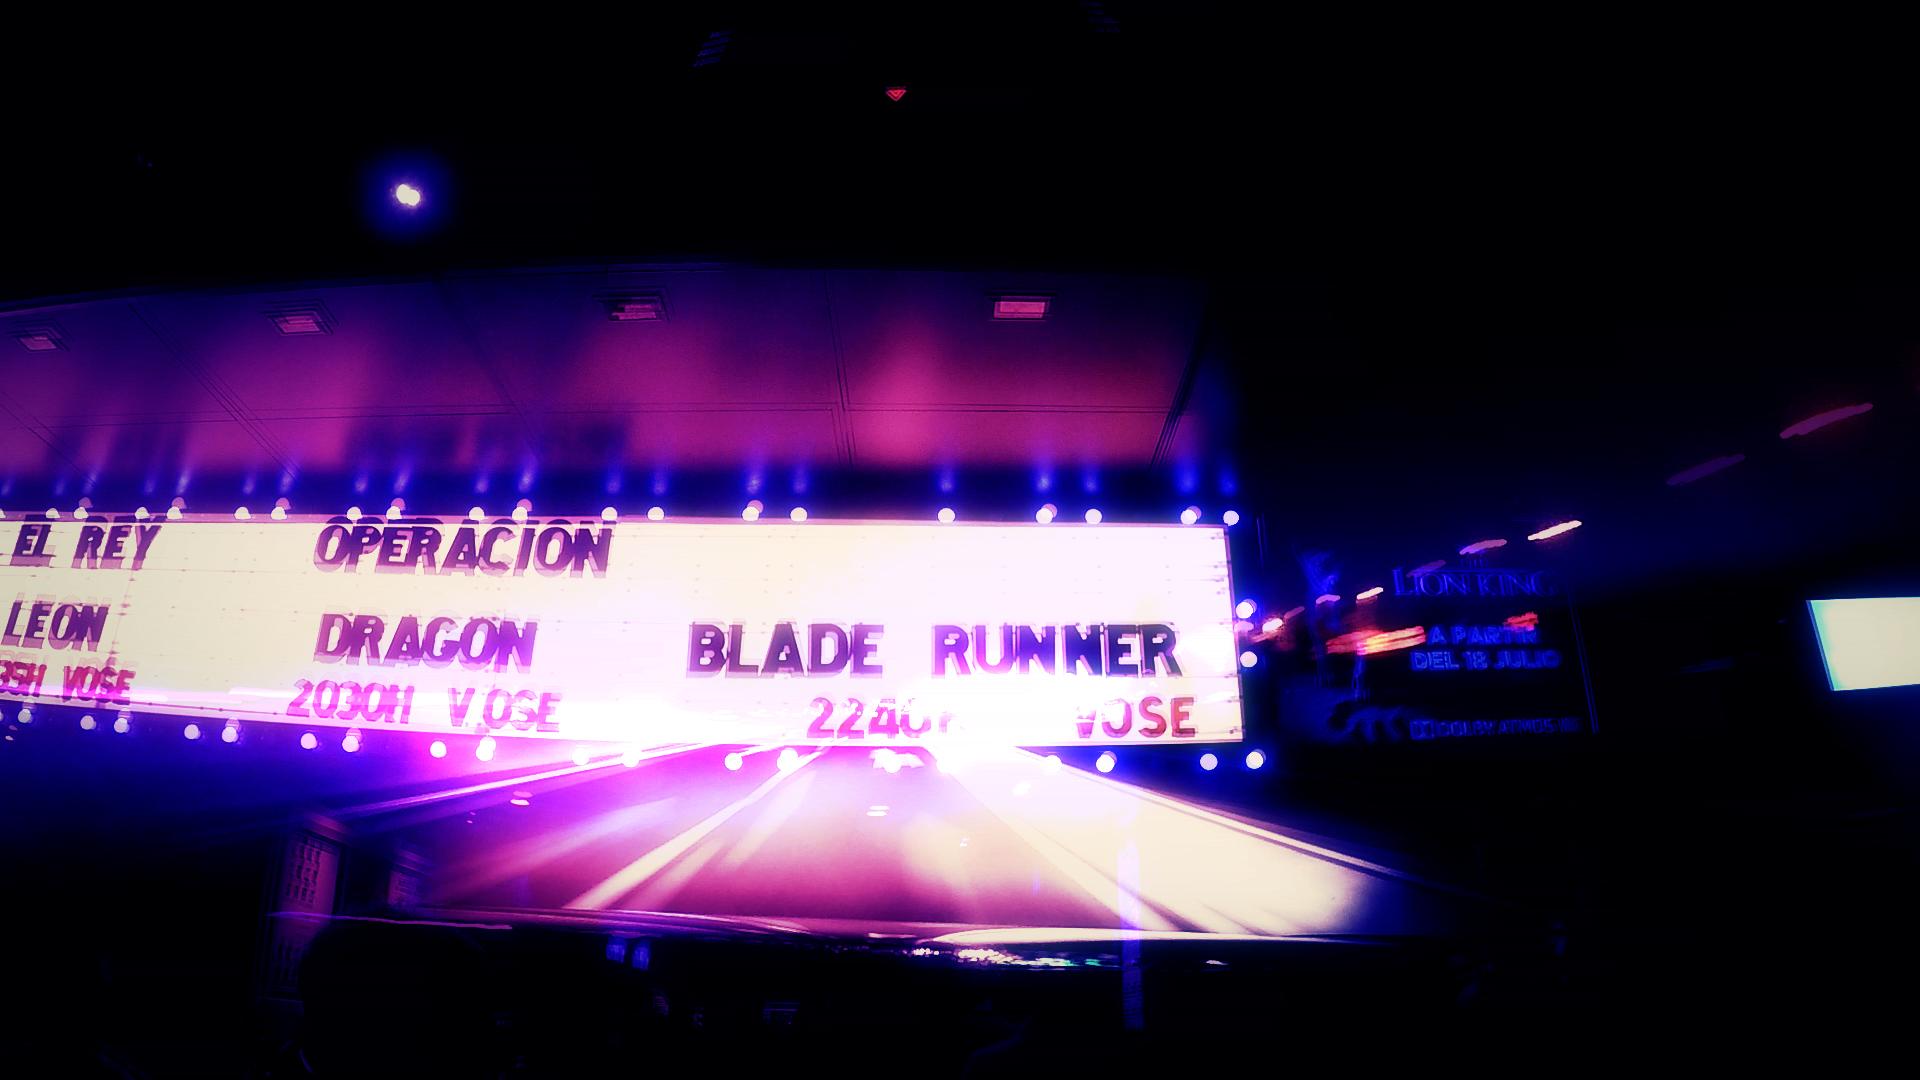 BLADE RUNNER GIF_00700